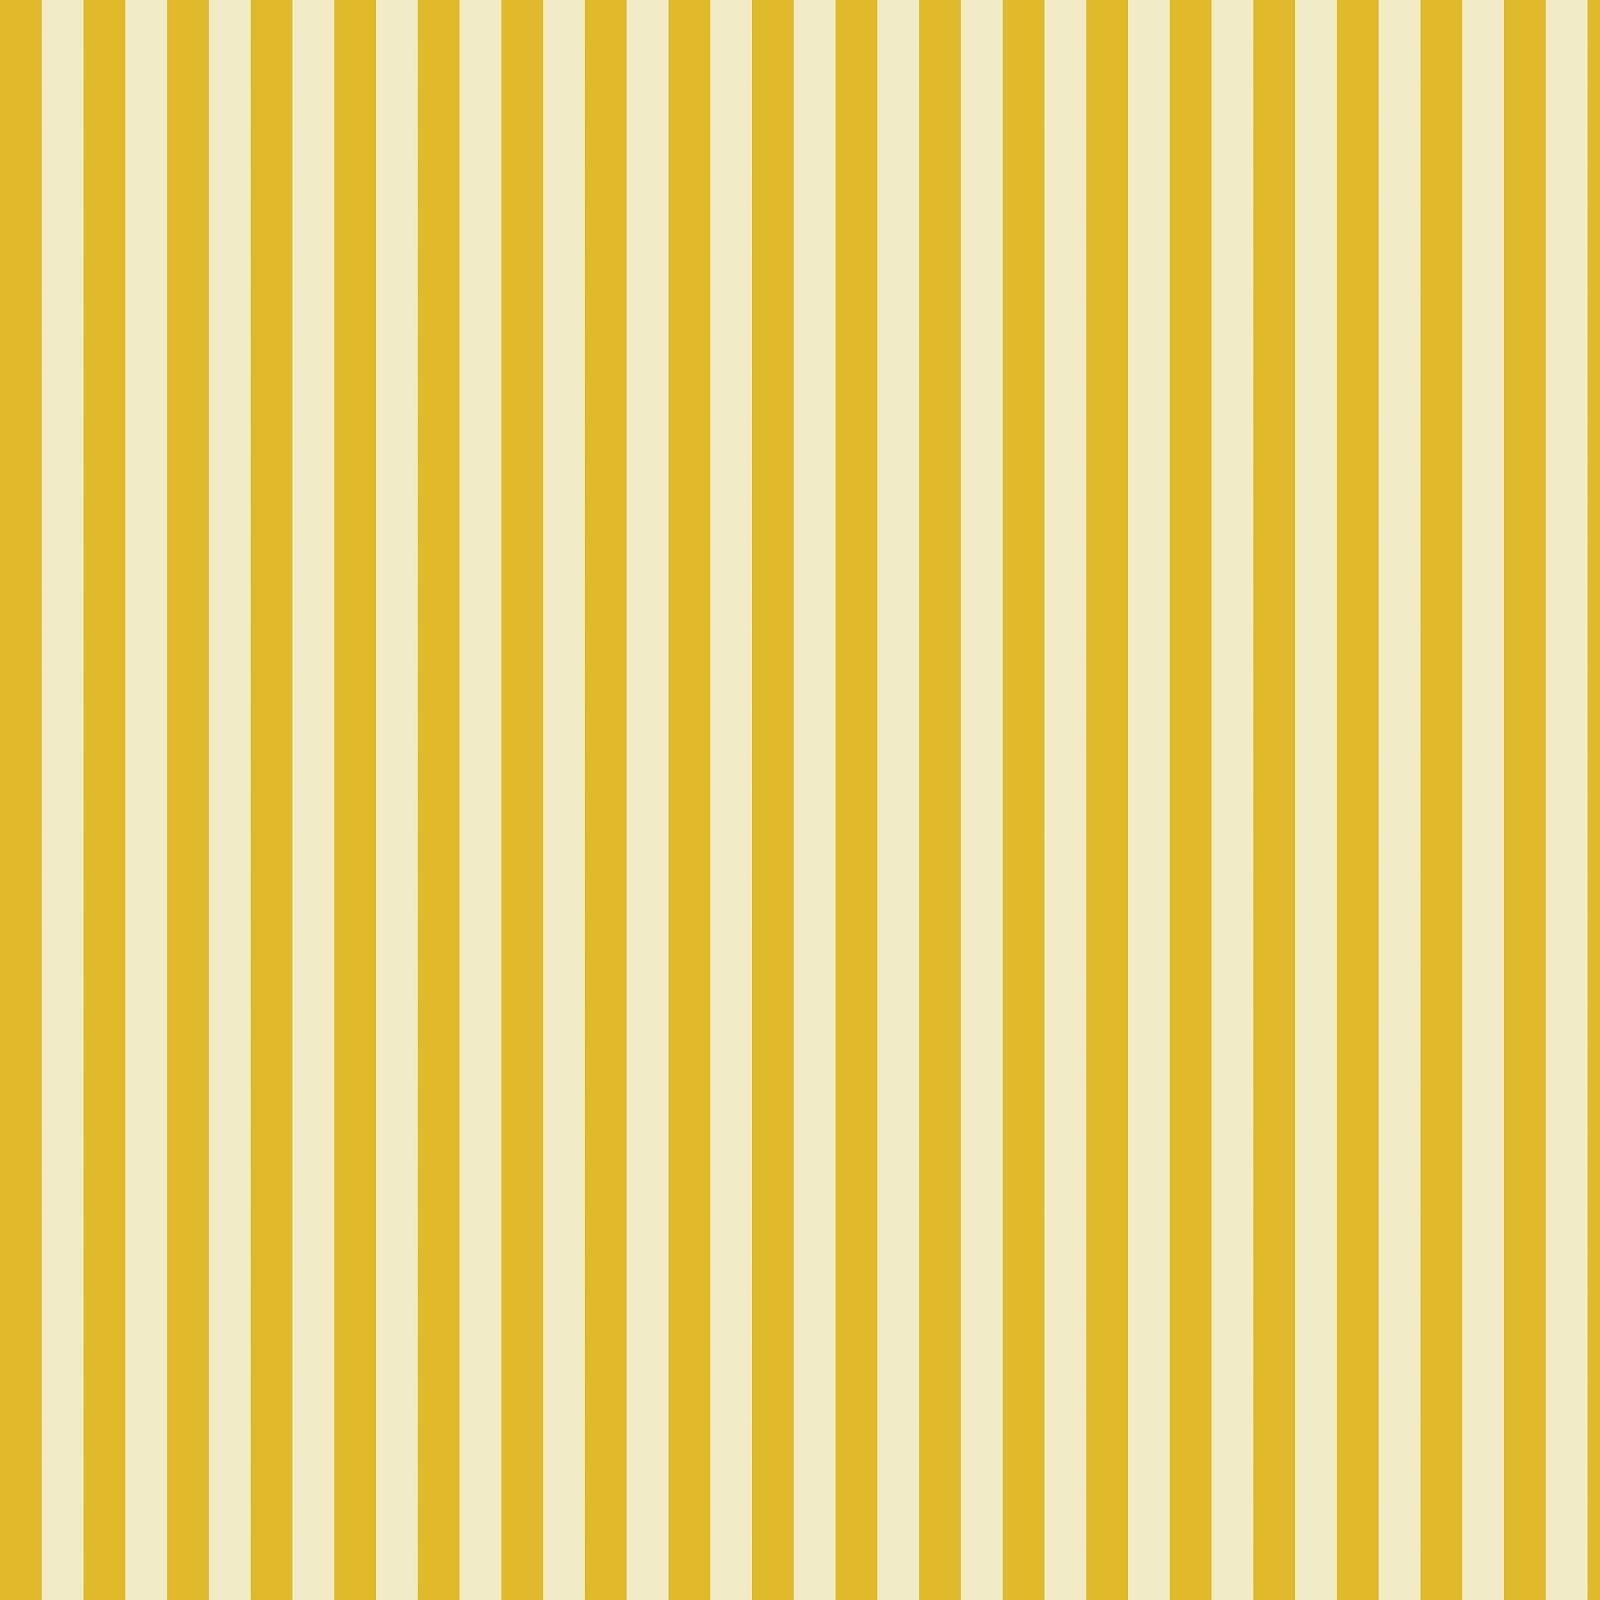 http://2.bp.blogspot.com/-Zhizyk0itg0/U4JjULDqw-I/AAAAAAAAN9w/QNH3u3JNLvY/s1600/free+digital+scrapbook+paper_tan_gold+stripes.jpg